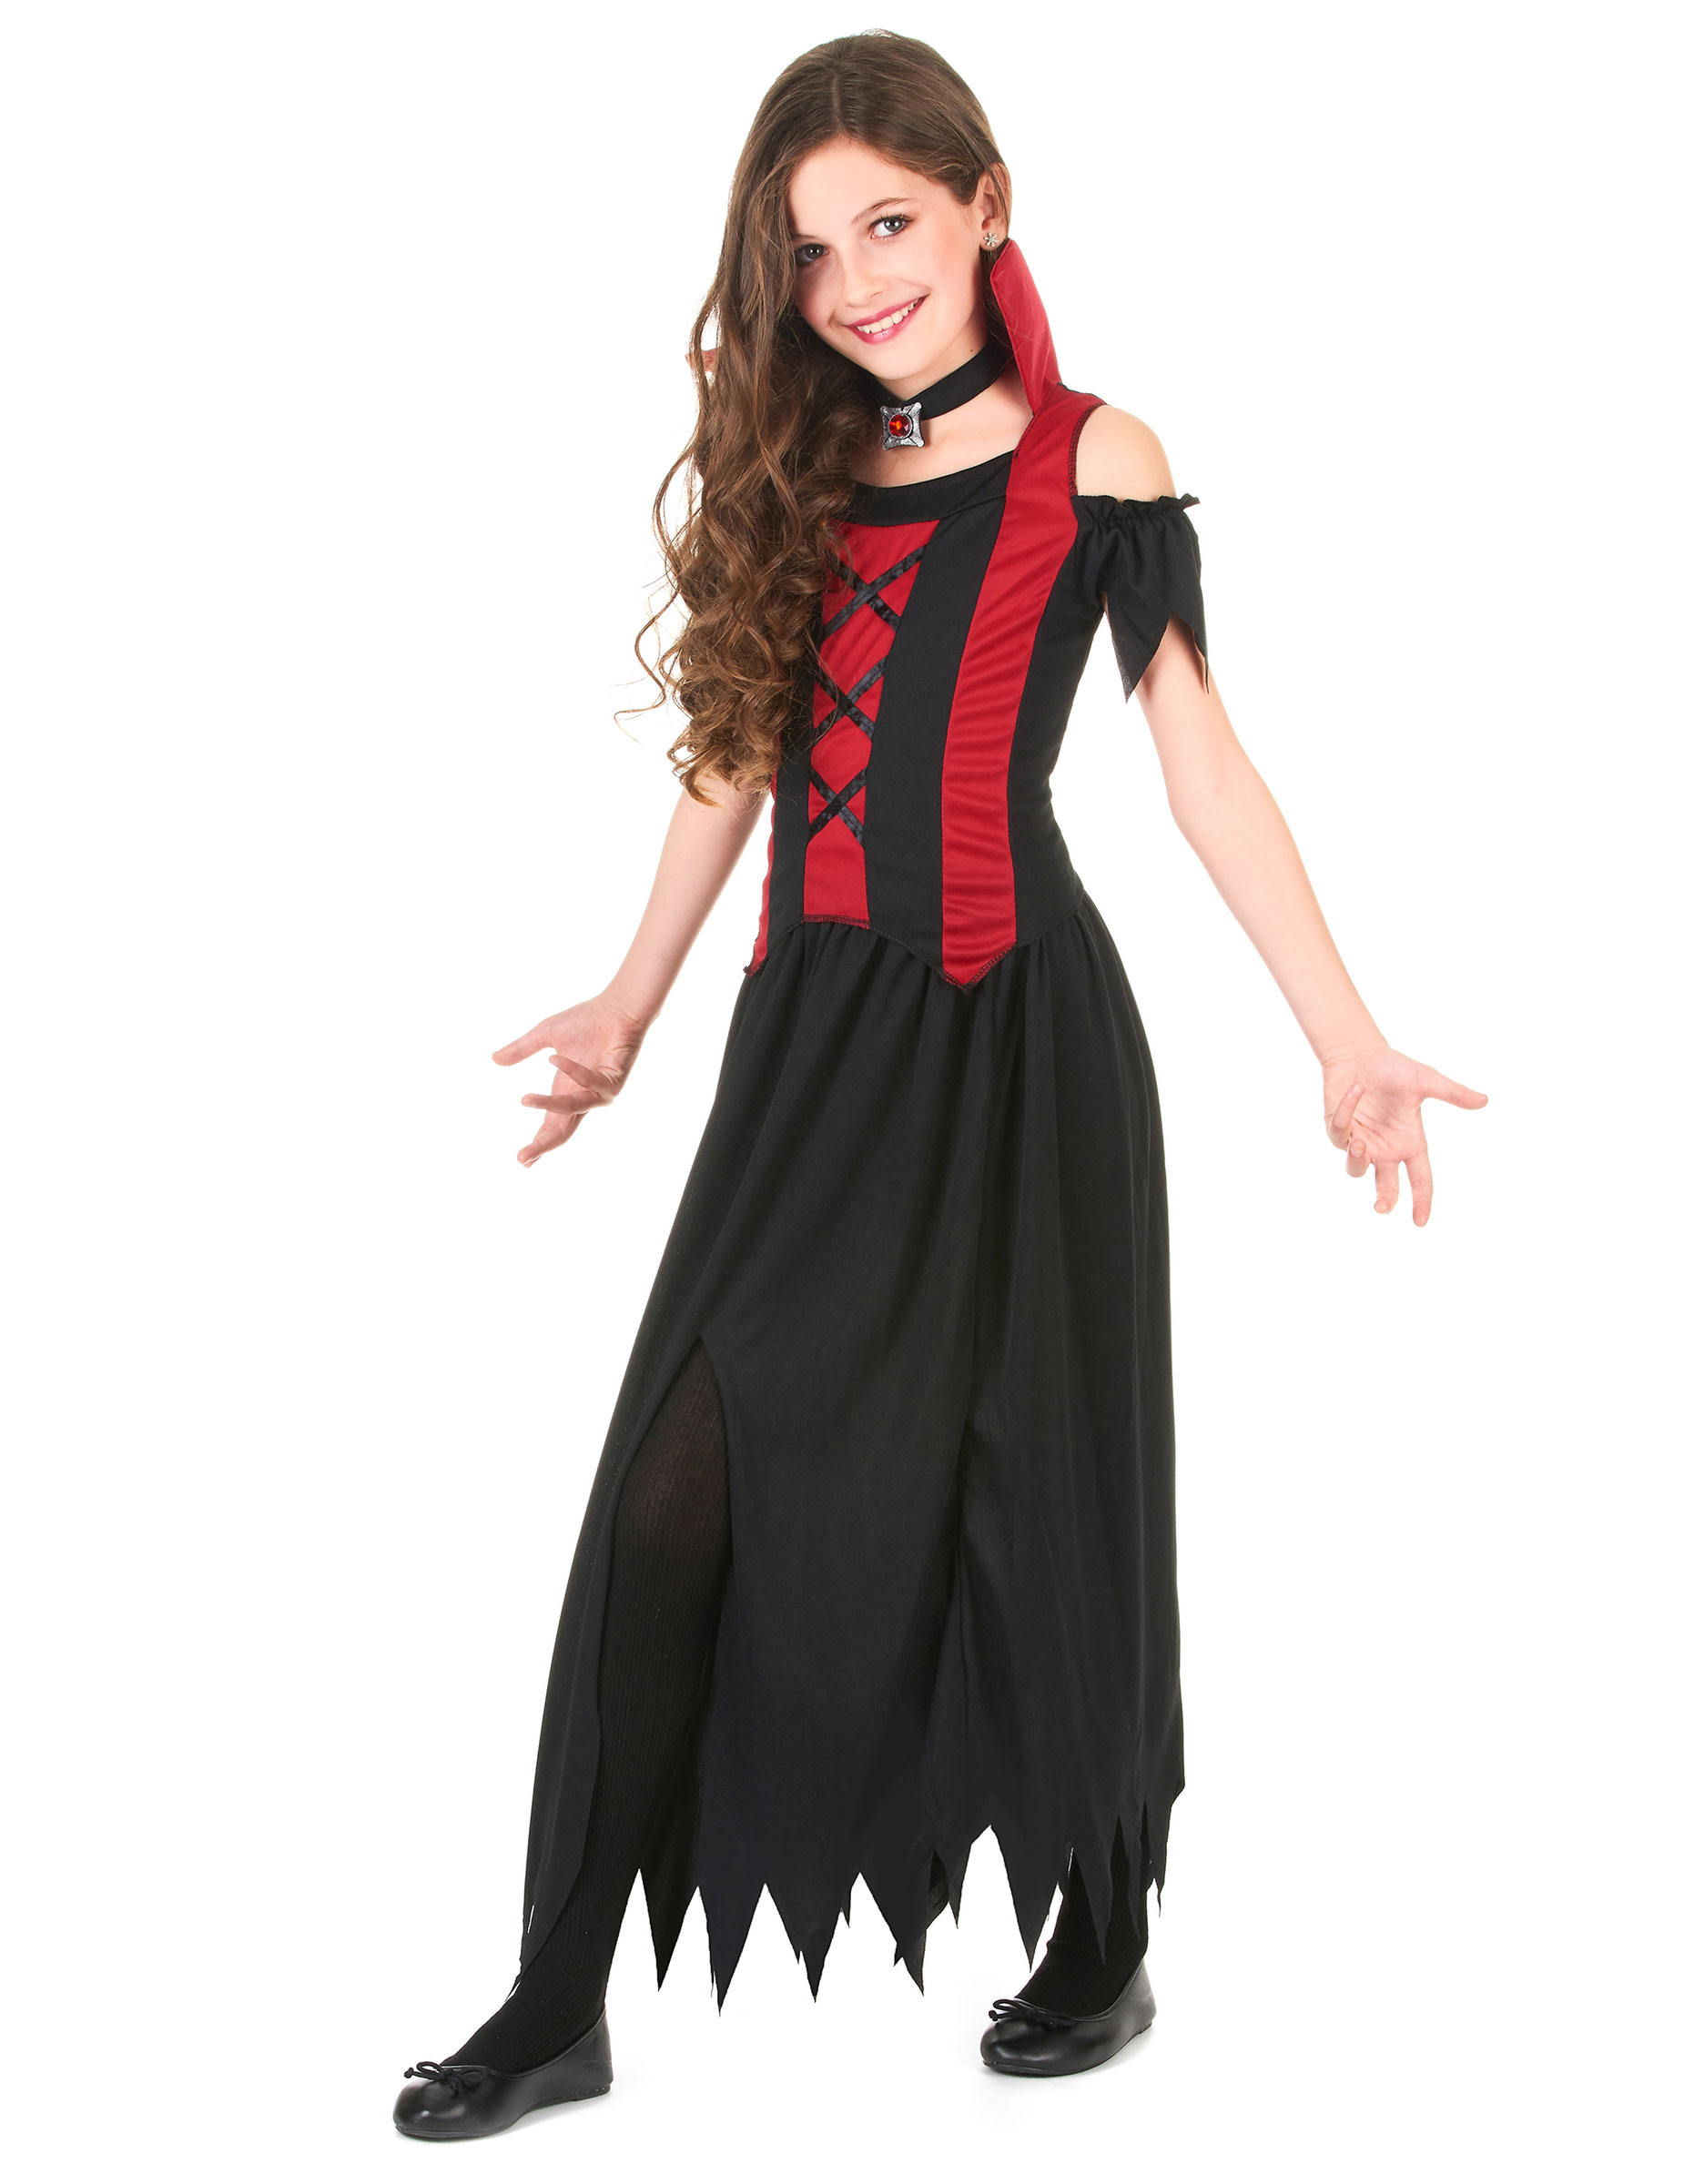 deguisement halloween fille